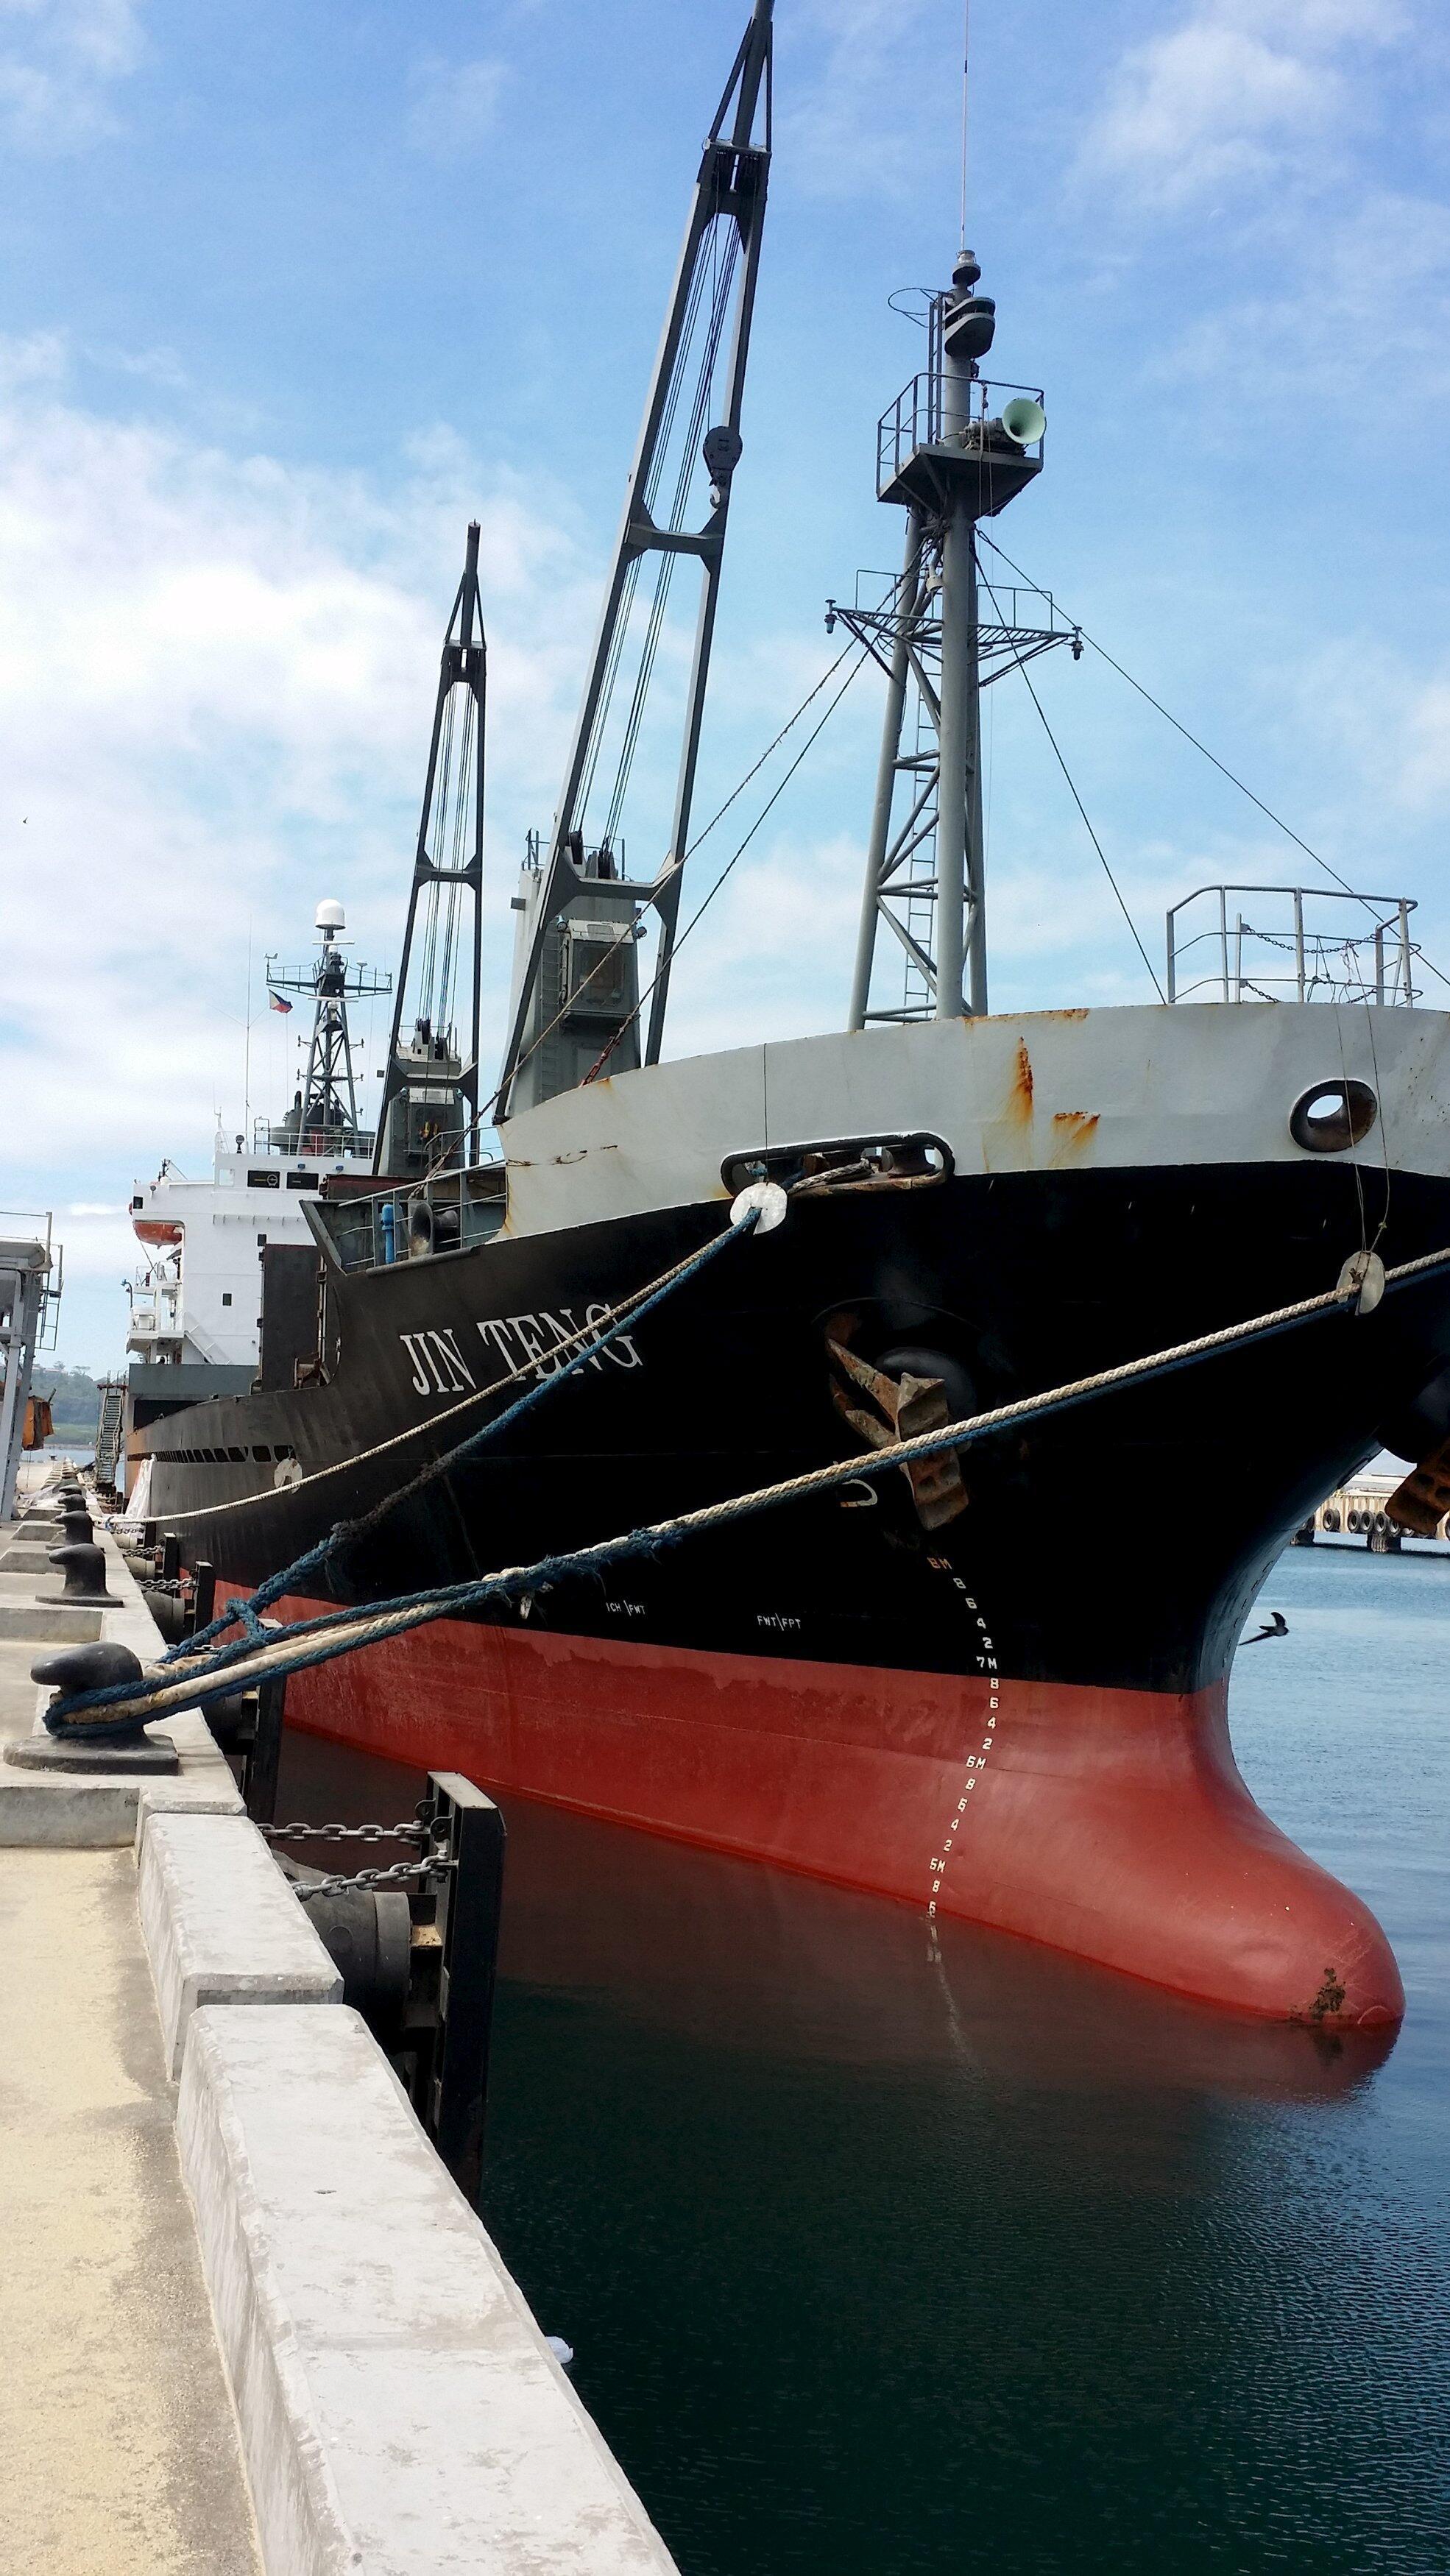 Cеверокорейское грузовое судно «Цзинь Тэн», задержанное филиппинскими властями, 3 марта 2015 г.